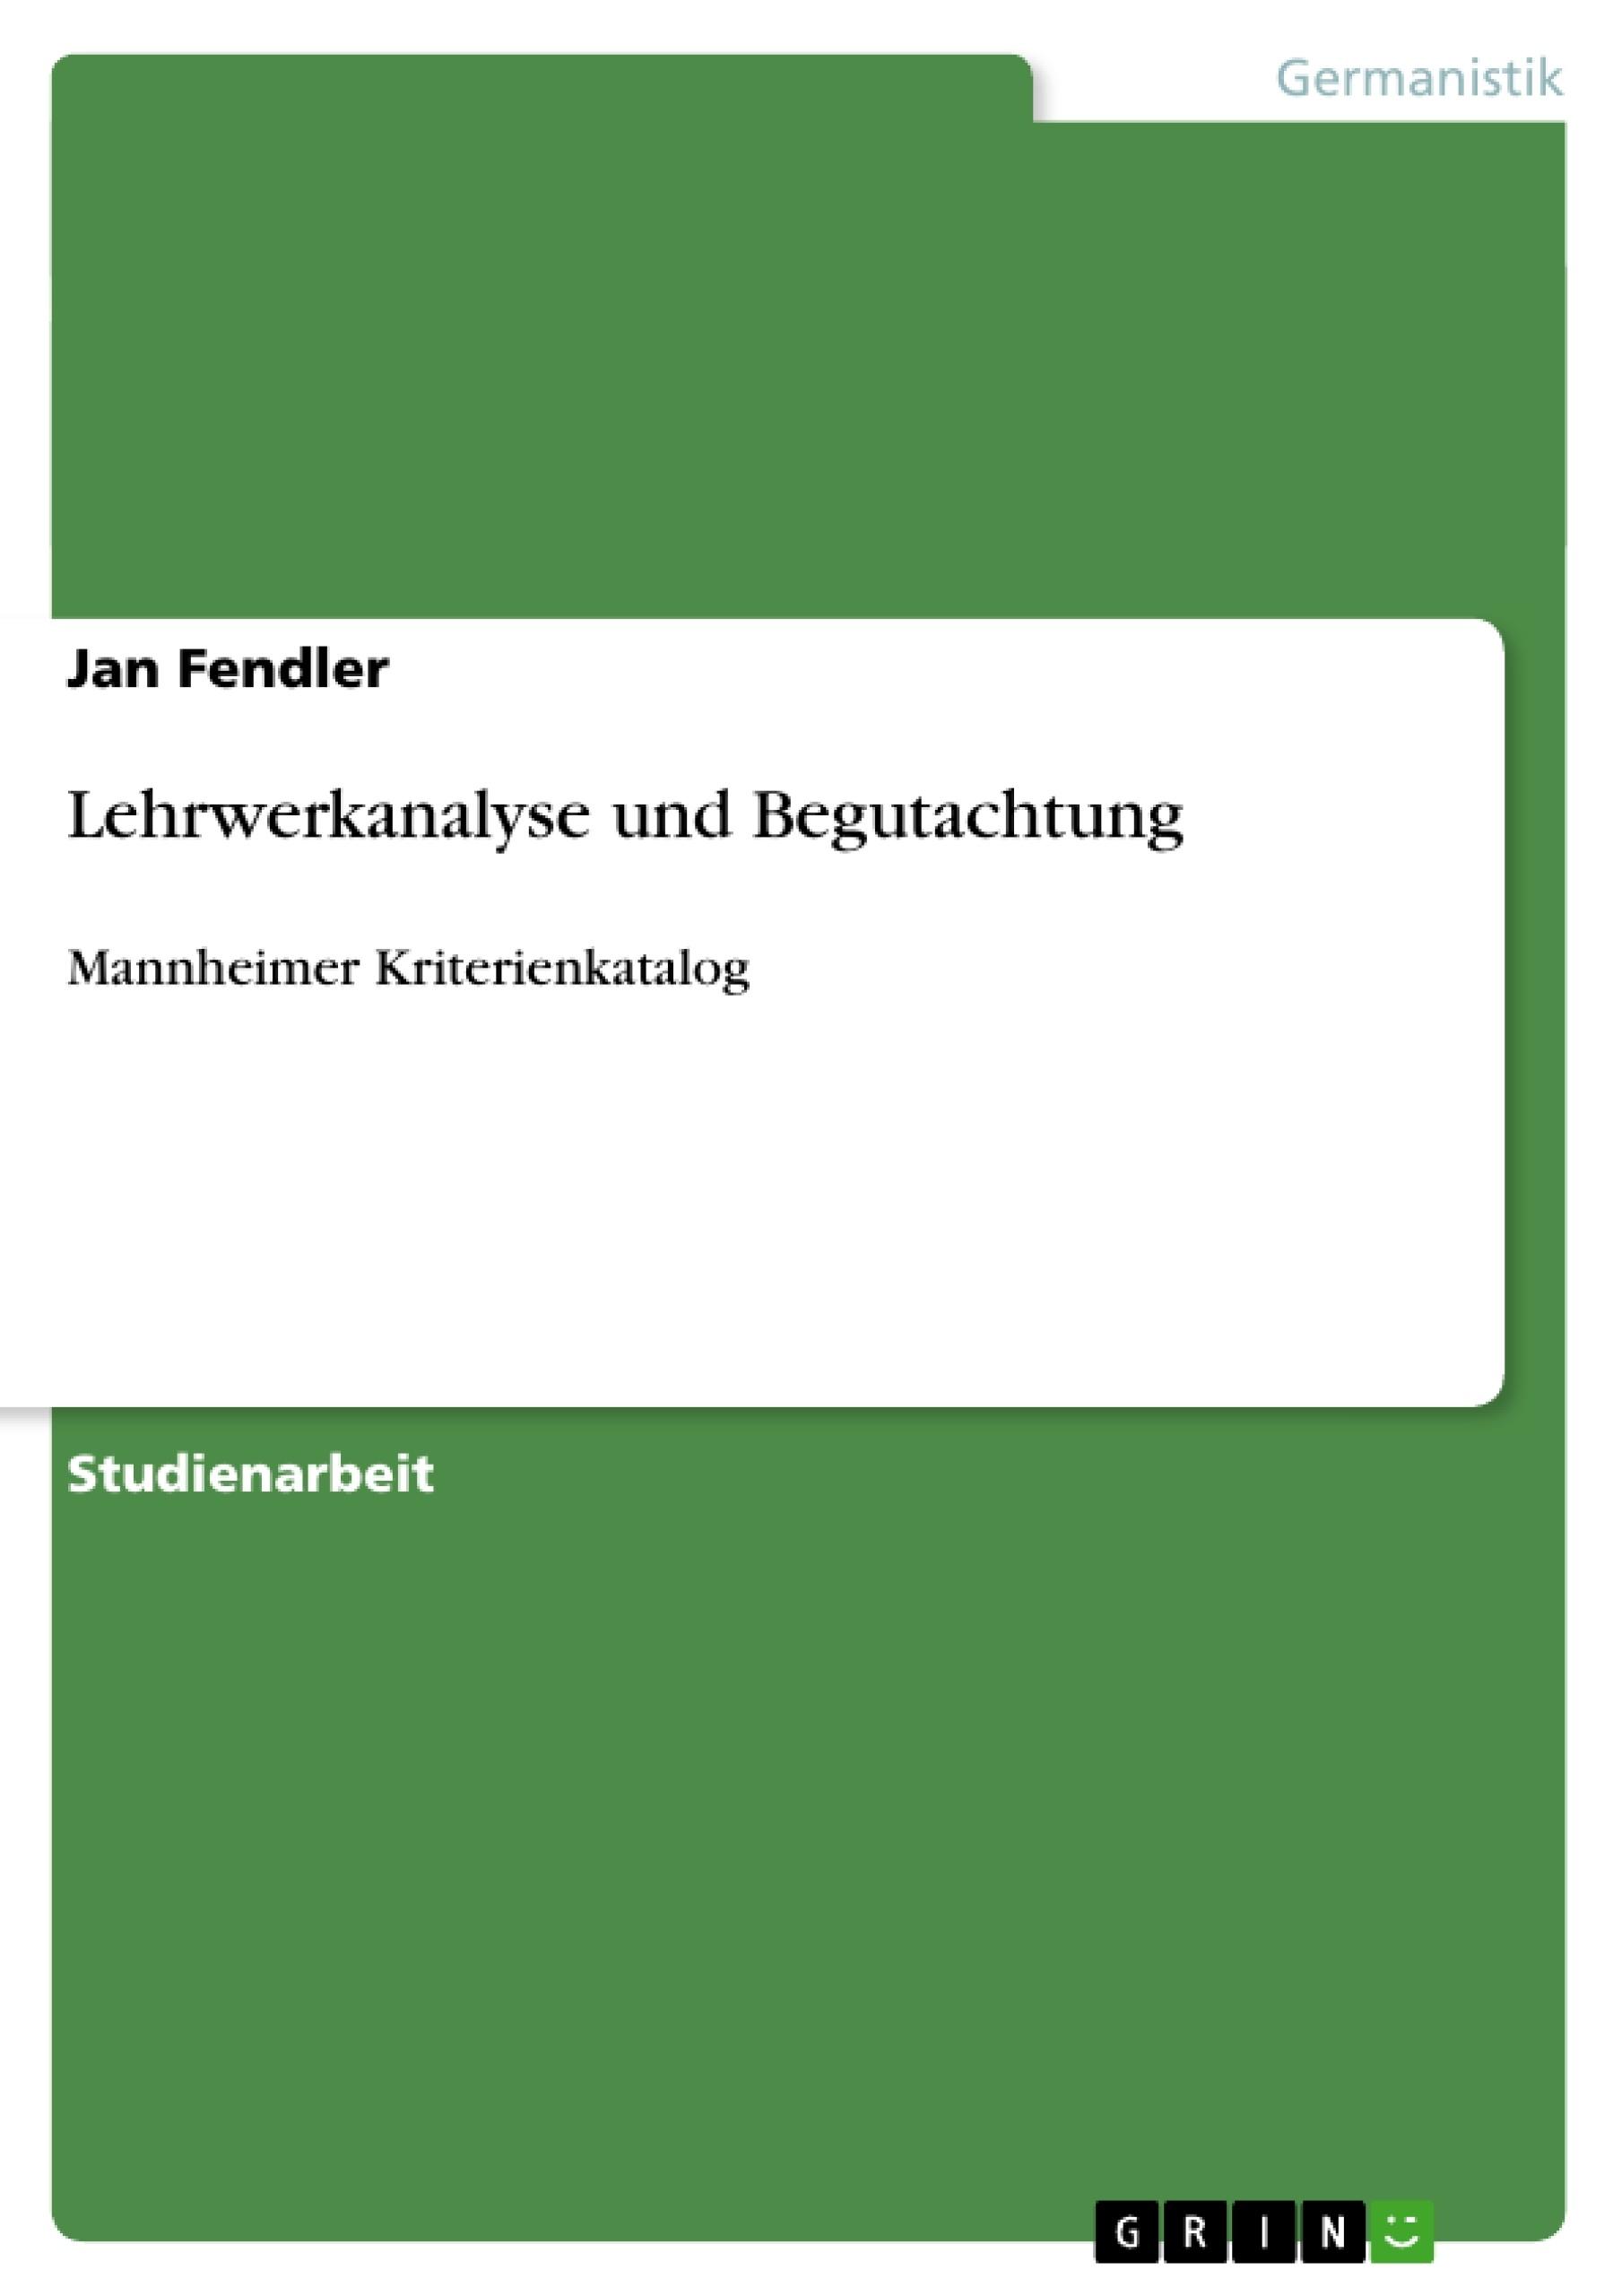 Titel: Lehrwerkanalyse und Begutachtung